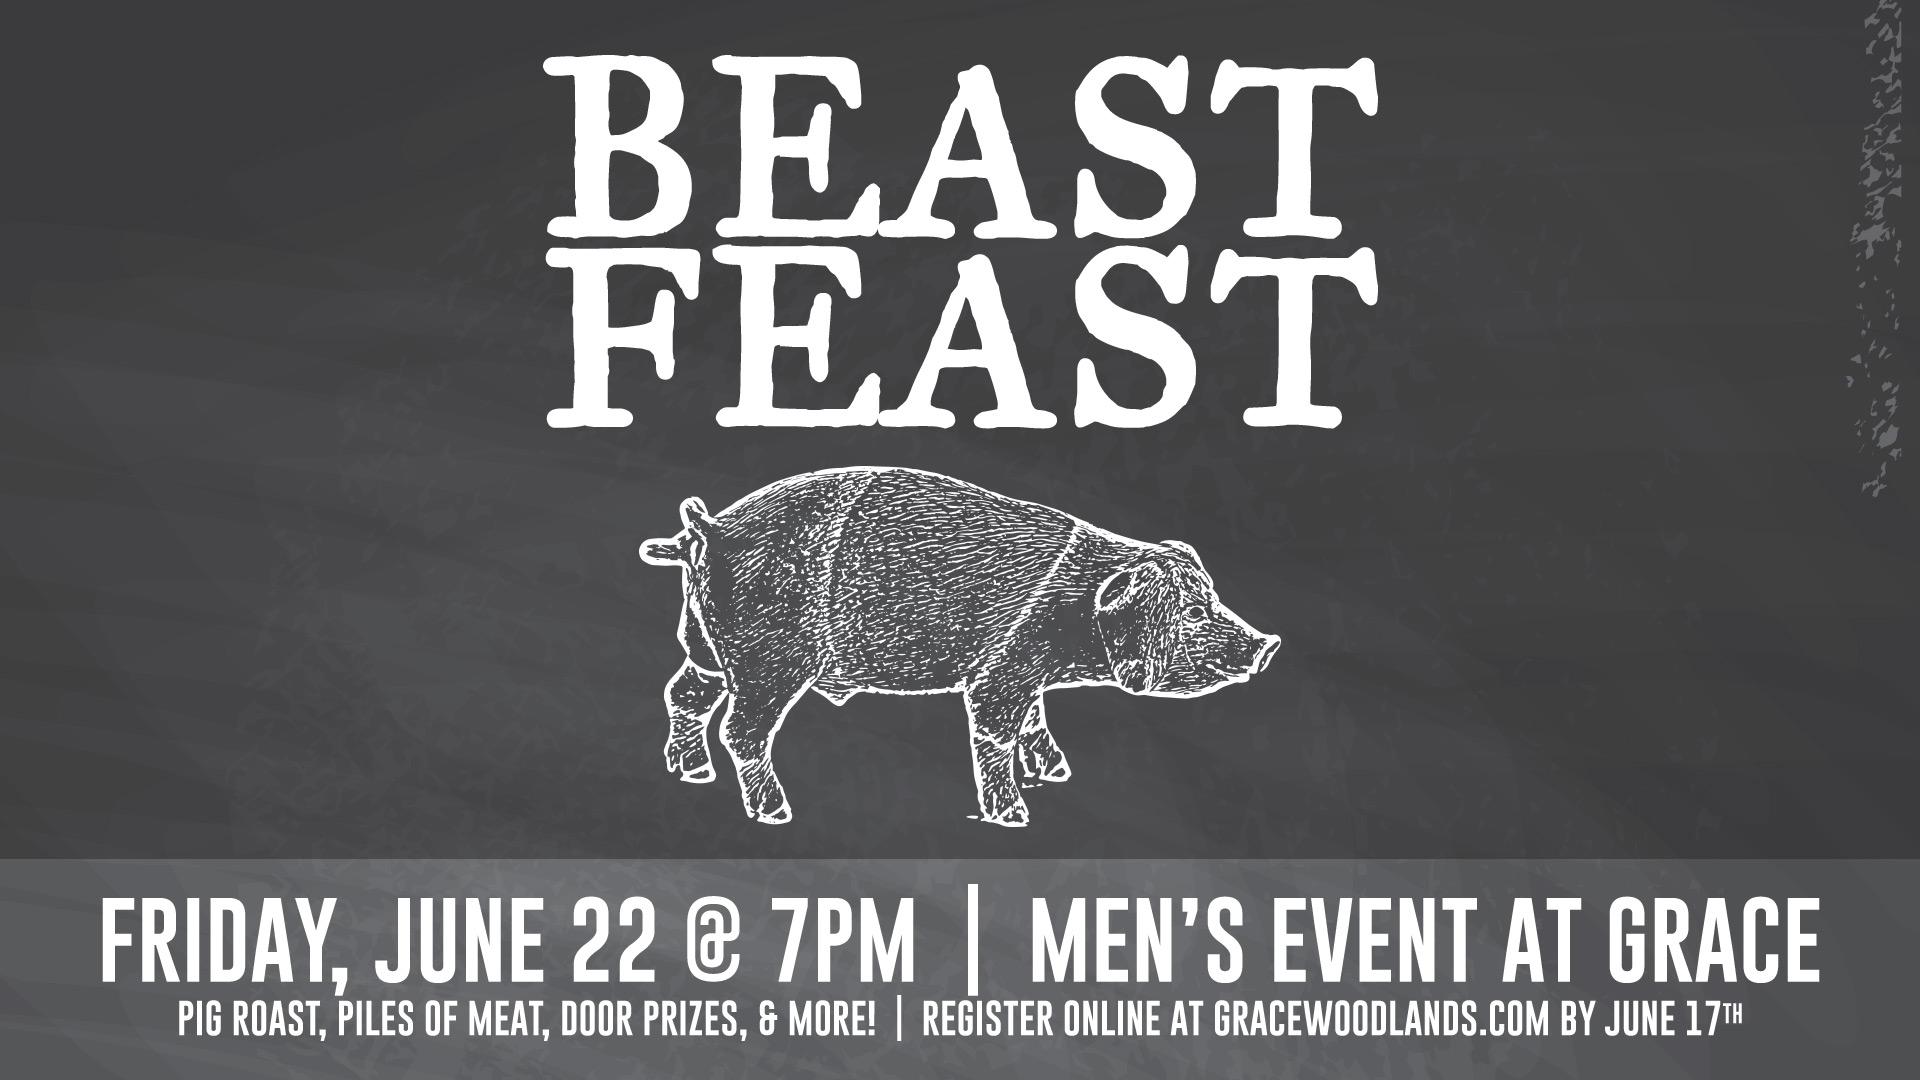 Beast feast 2018 screen